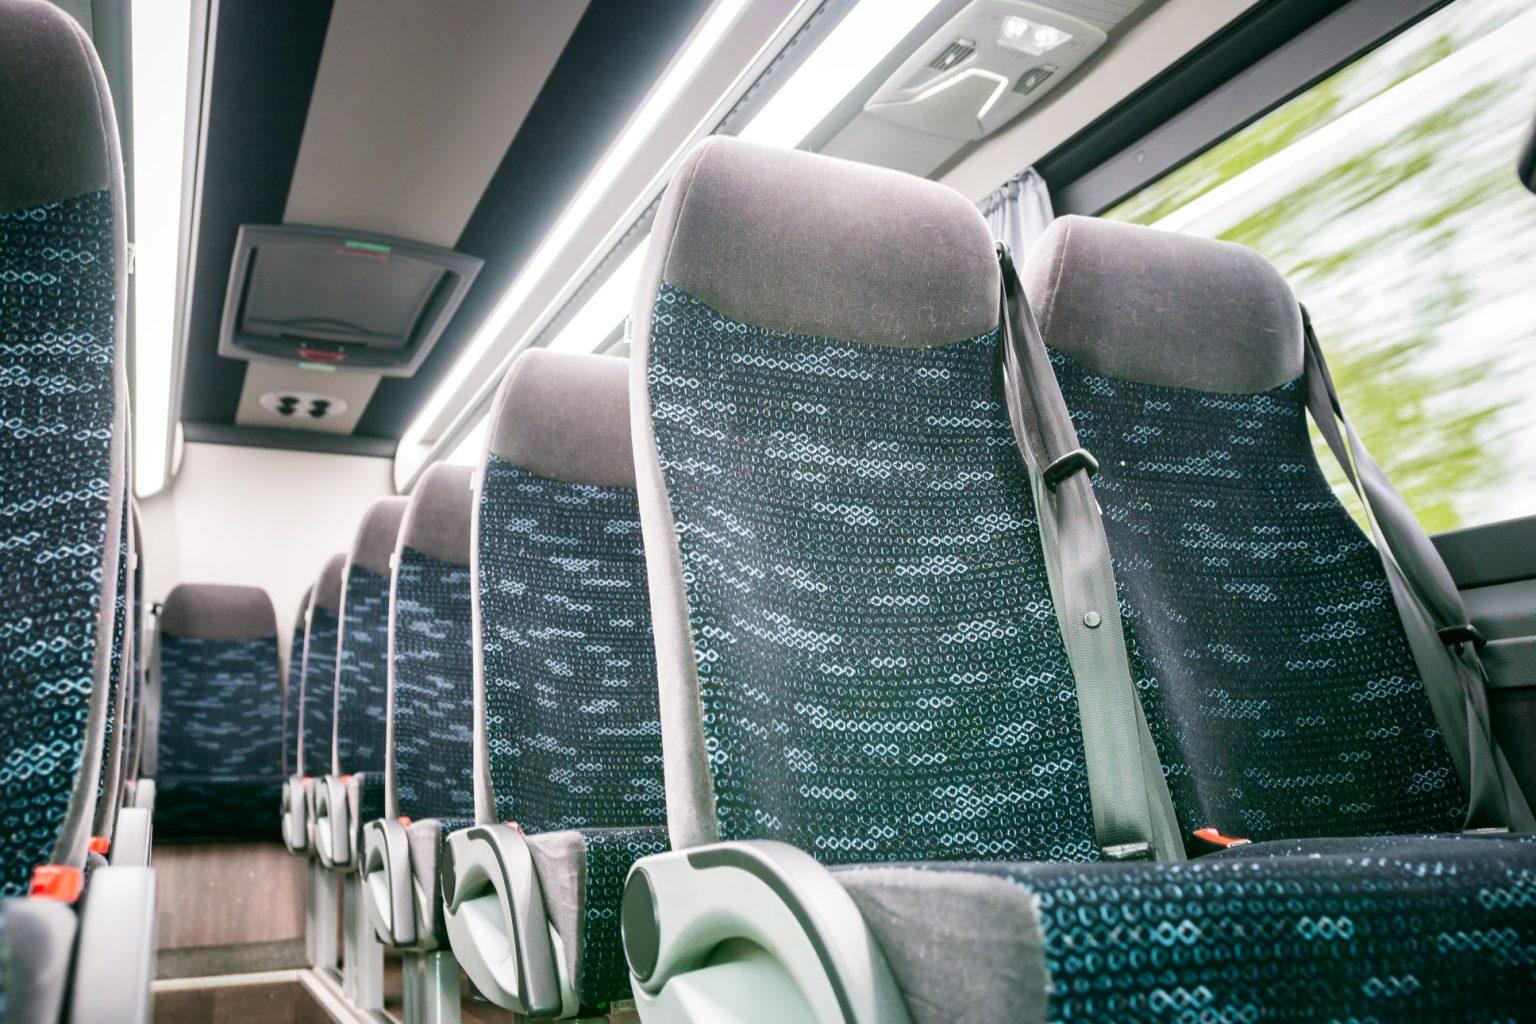 Siistit ja turvalliset bussit